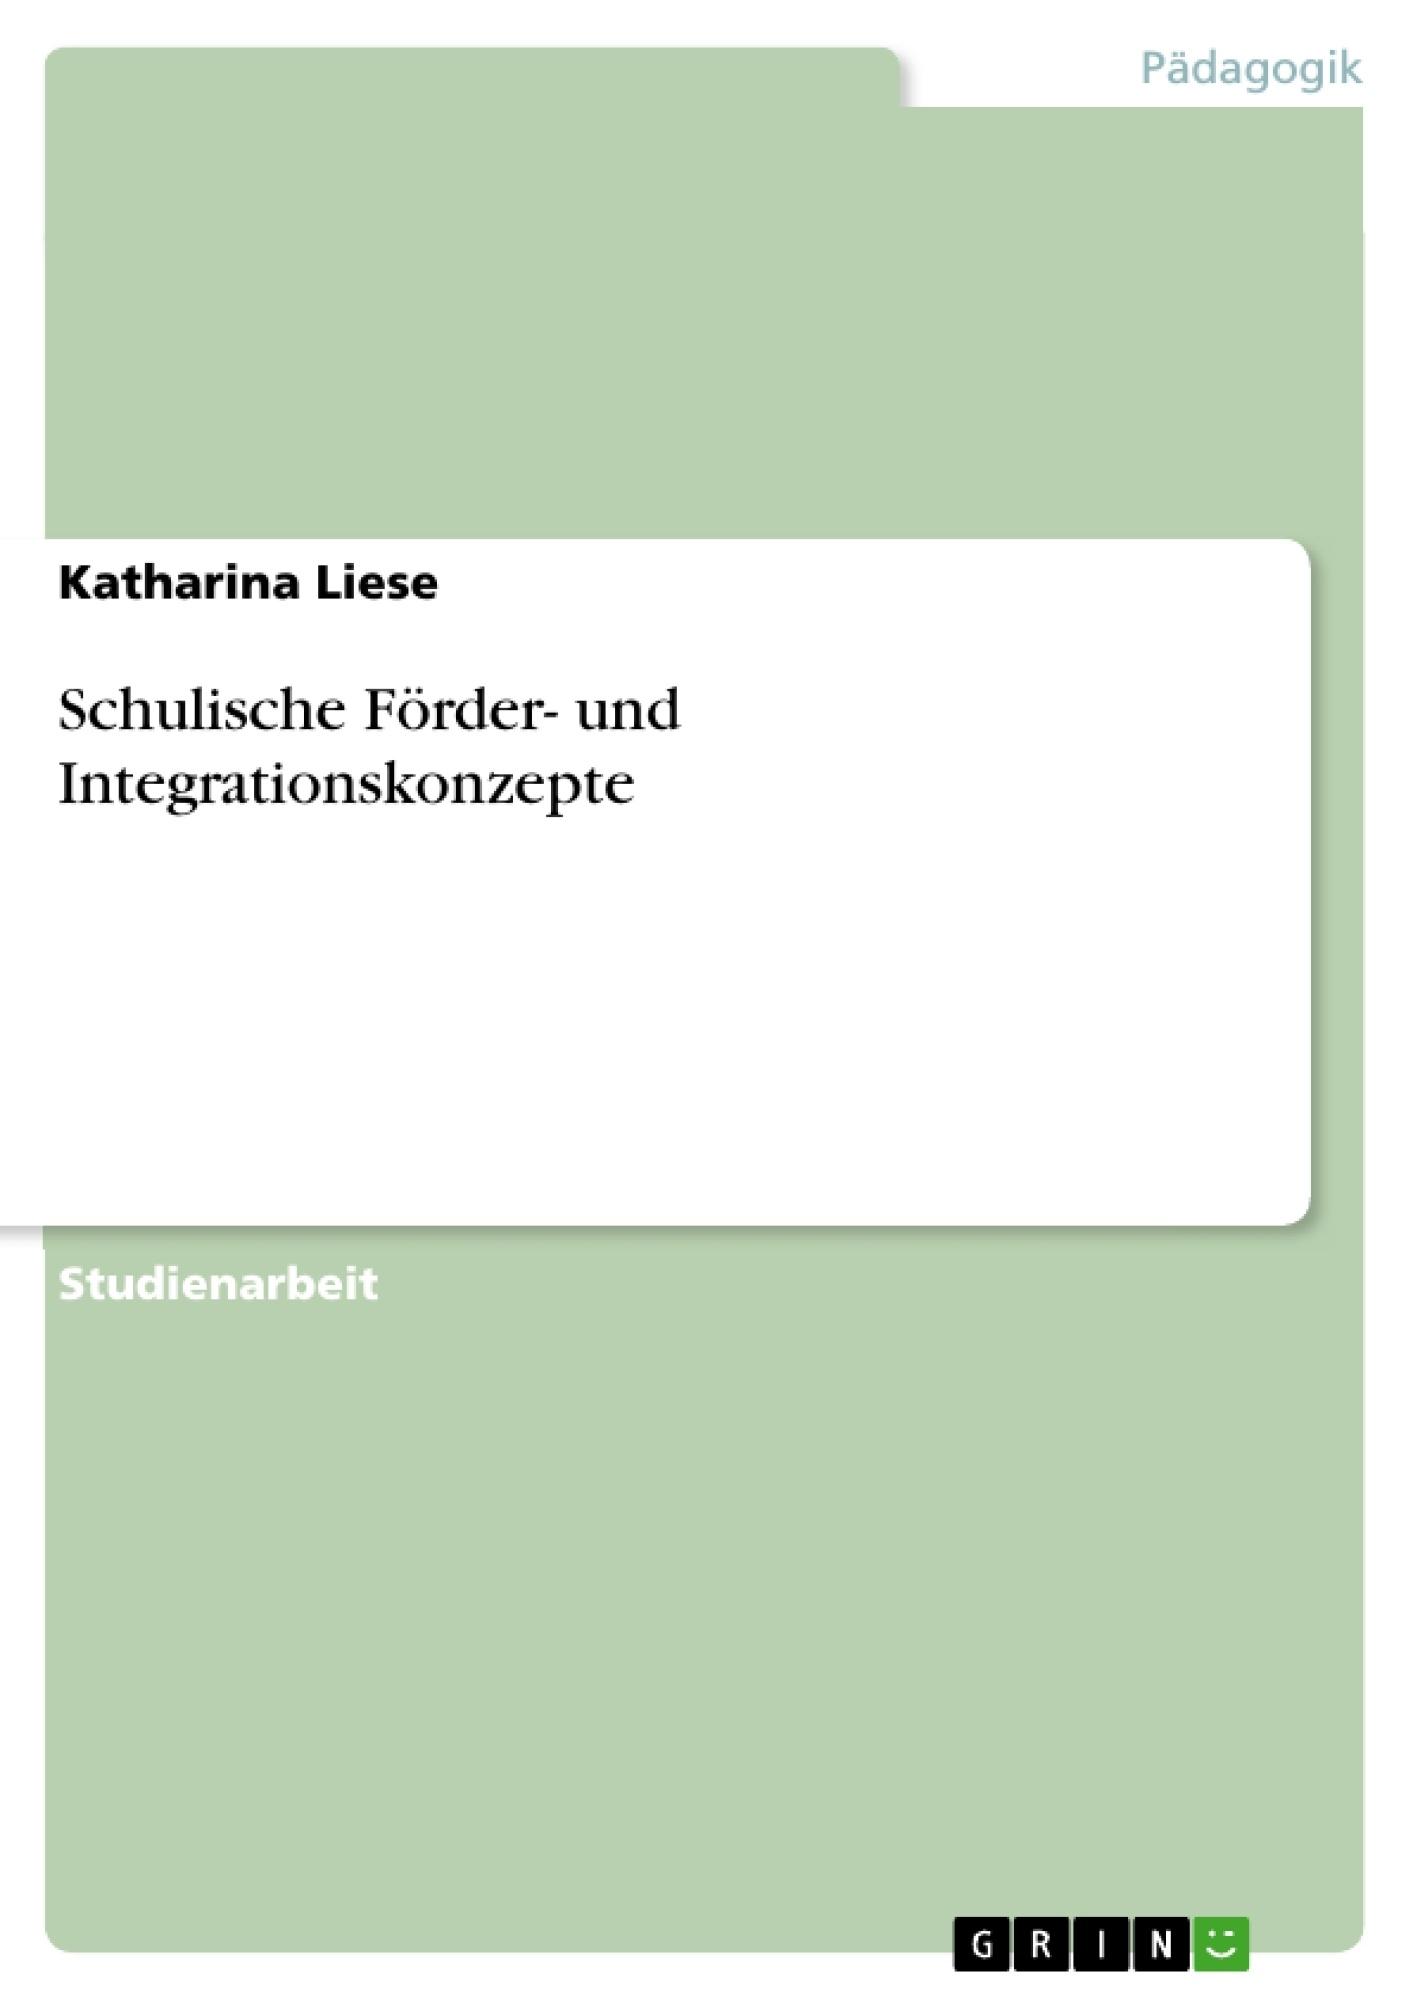 Titel: Schulische Förder- und Integrationskonzepte